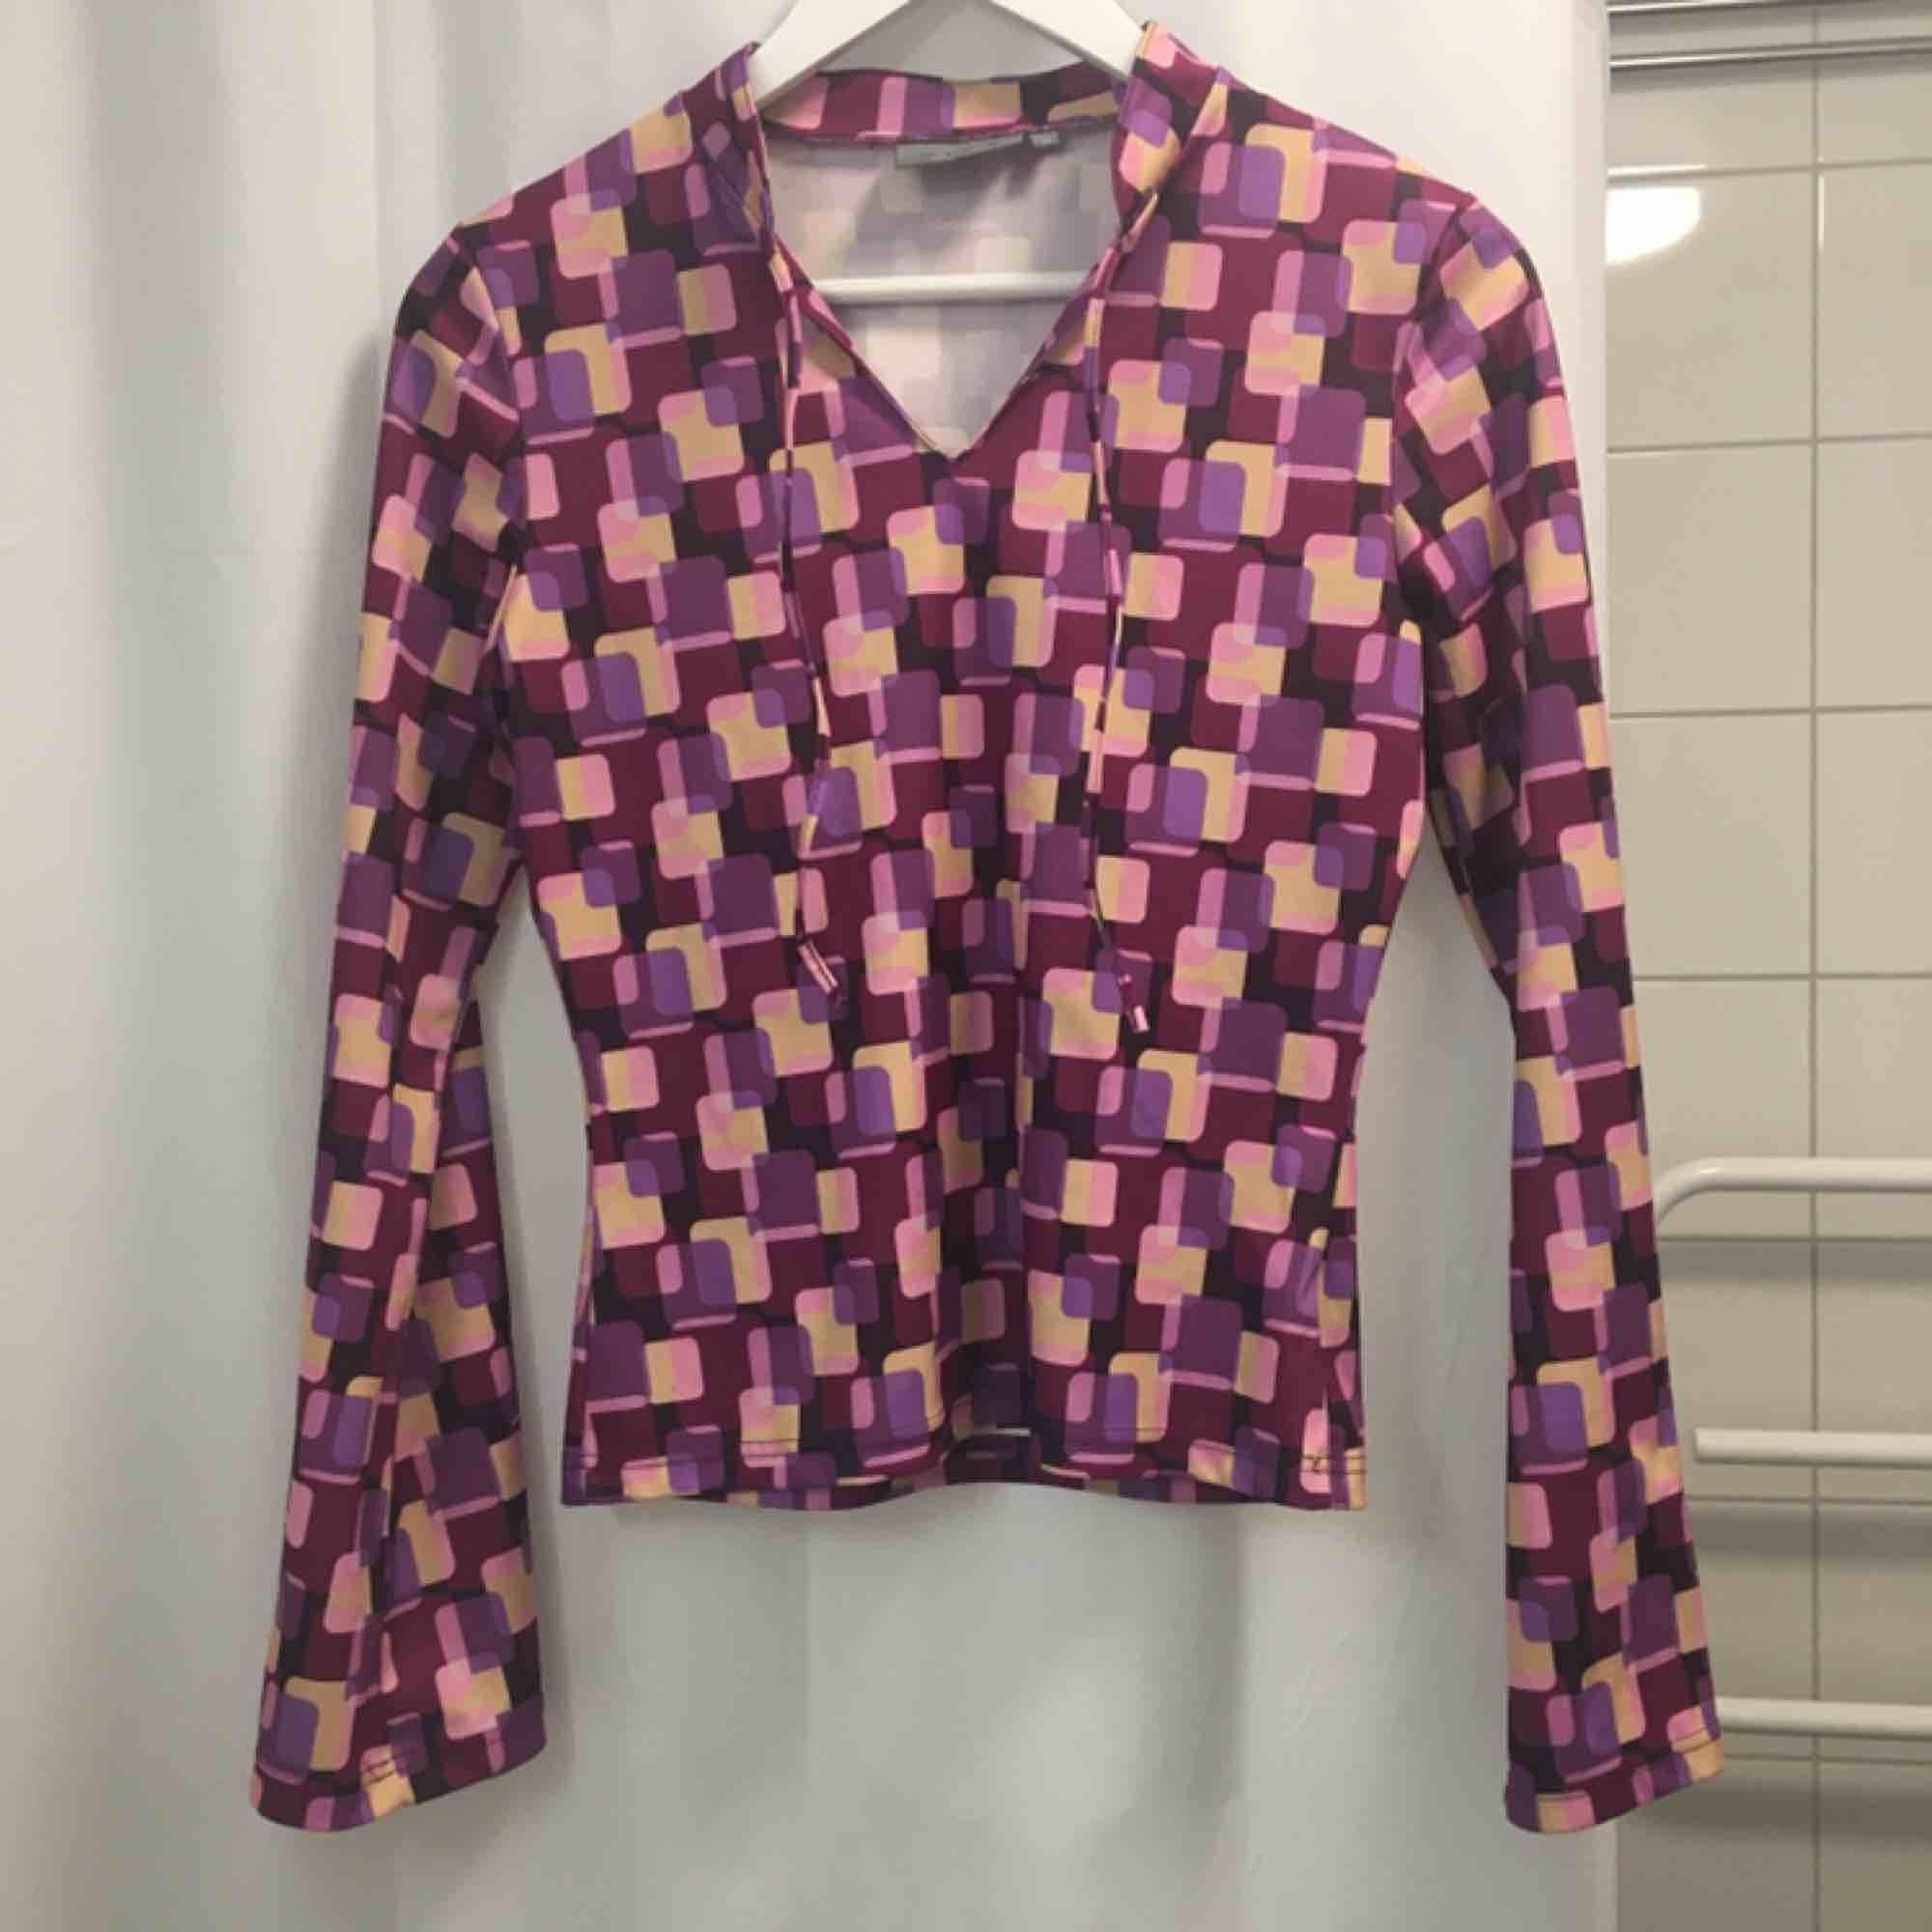 Rosa-mönstrad polyester-blus.  (っ◔◡◔)っ MÅTT: Byst: 41cm Längd: 65cm Uppskattad storlek: S. Blusar.